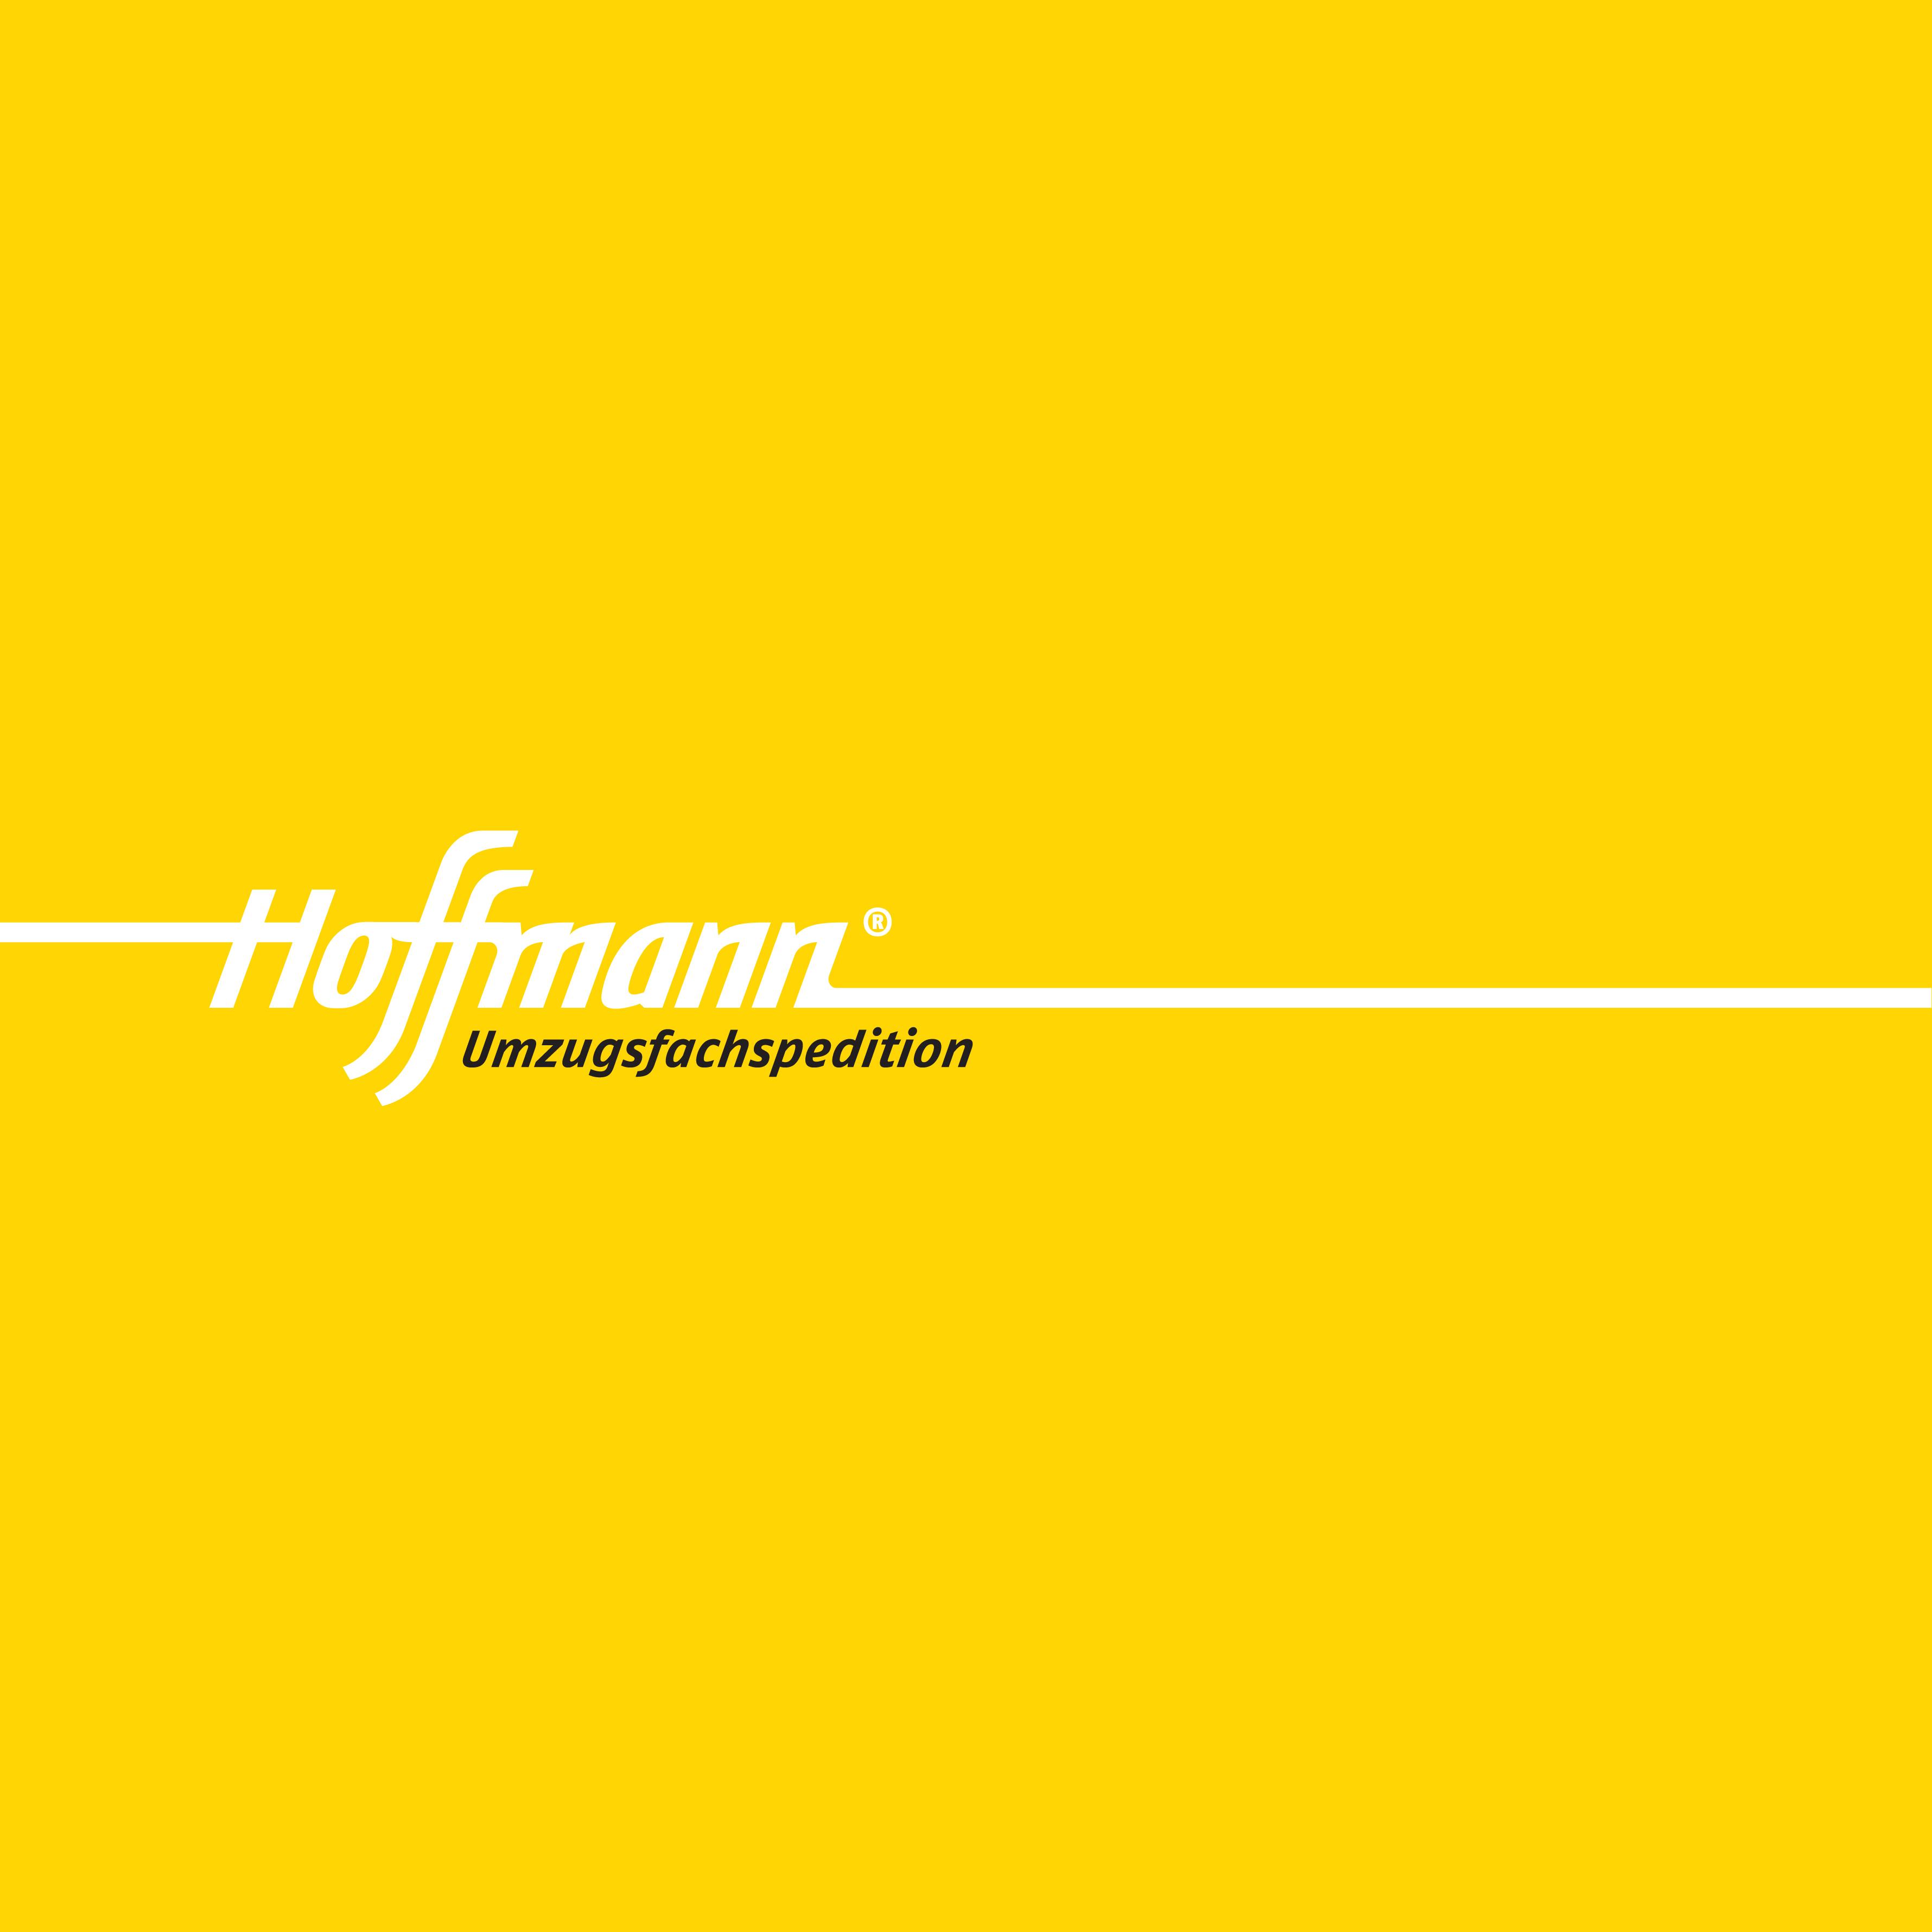 hoffmann umzugsfachspedition gmbh frankfurt in 60435. Black Bedroom Furniture Sets. Home Design Ideas